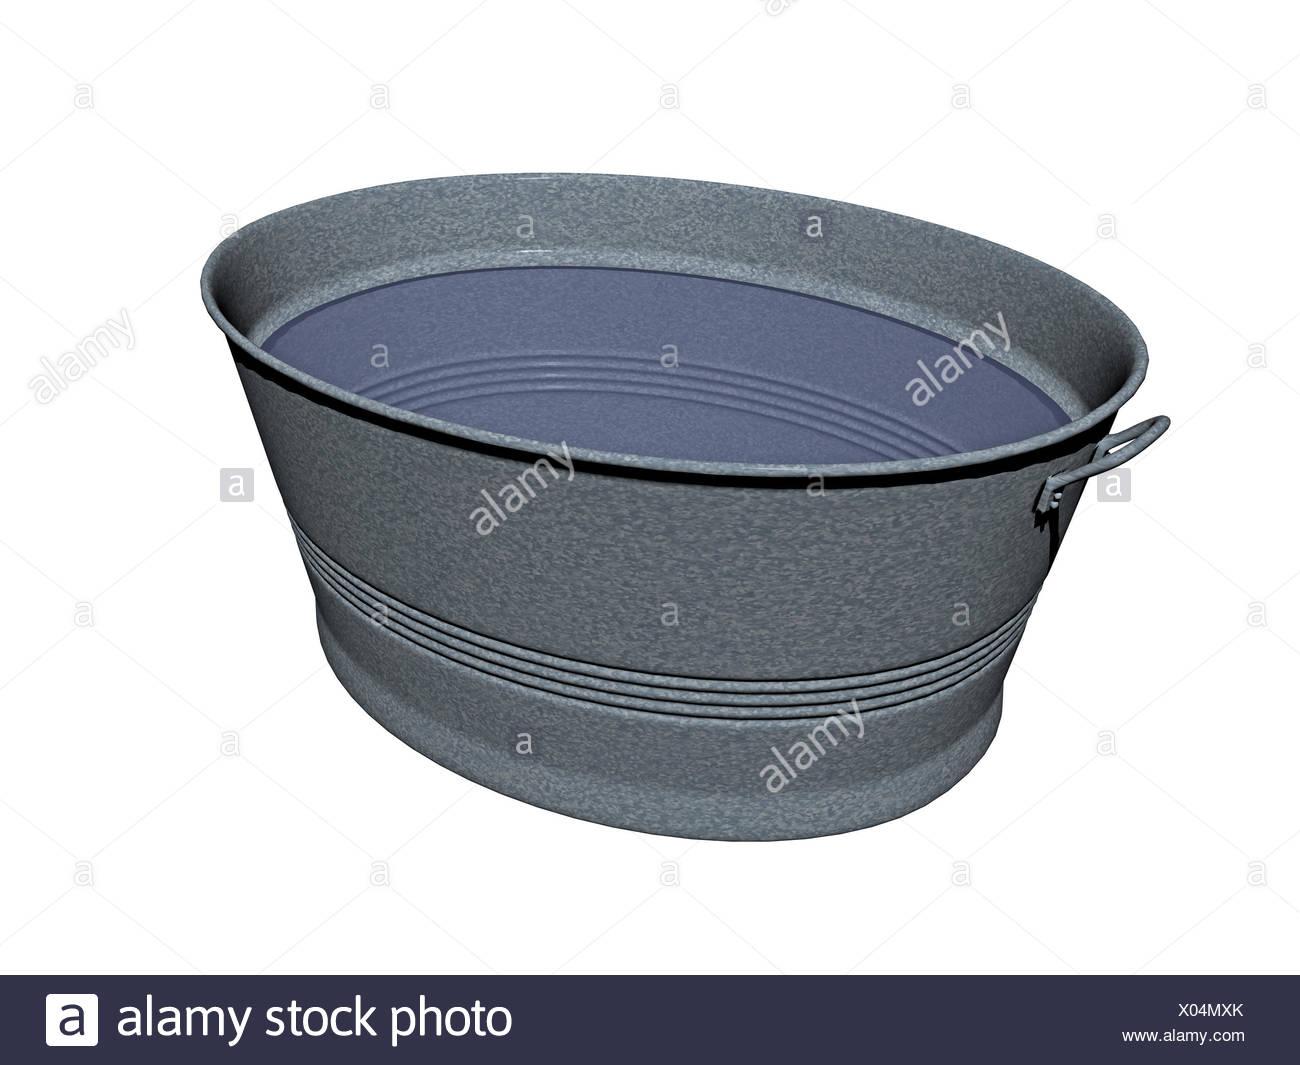 Vasca Da Bagno Di Zinco : Opzionale vasca di zinco con acqua foto & immagine stock: 275470123